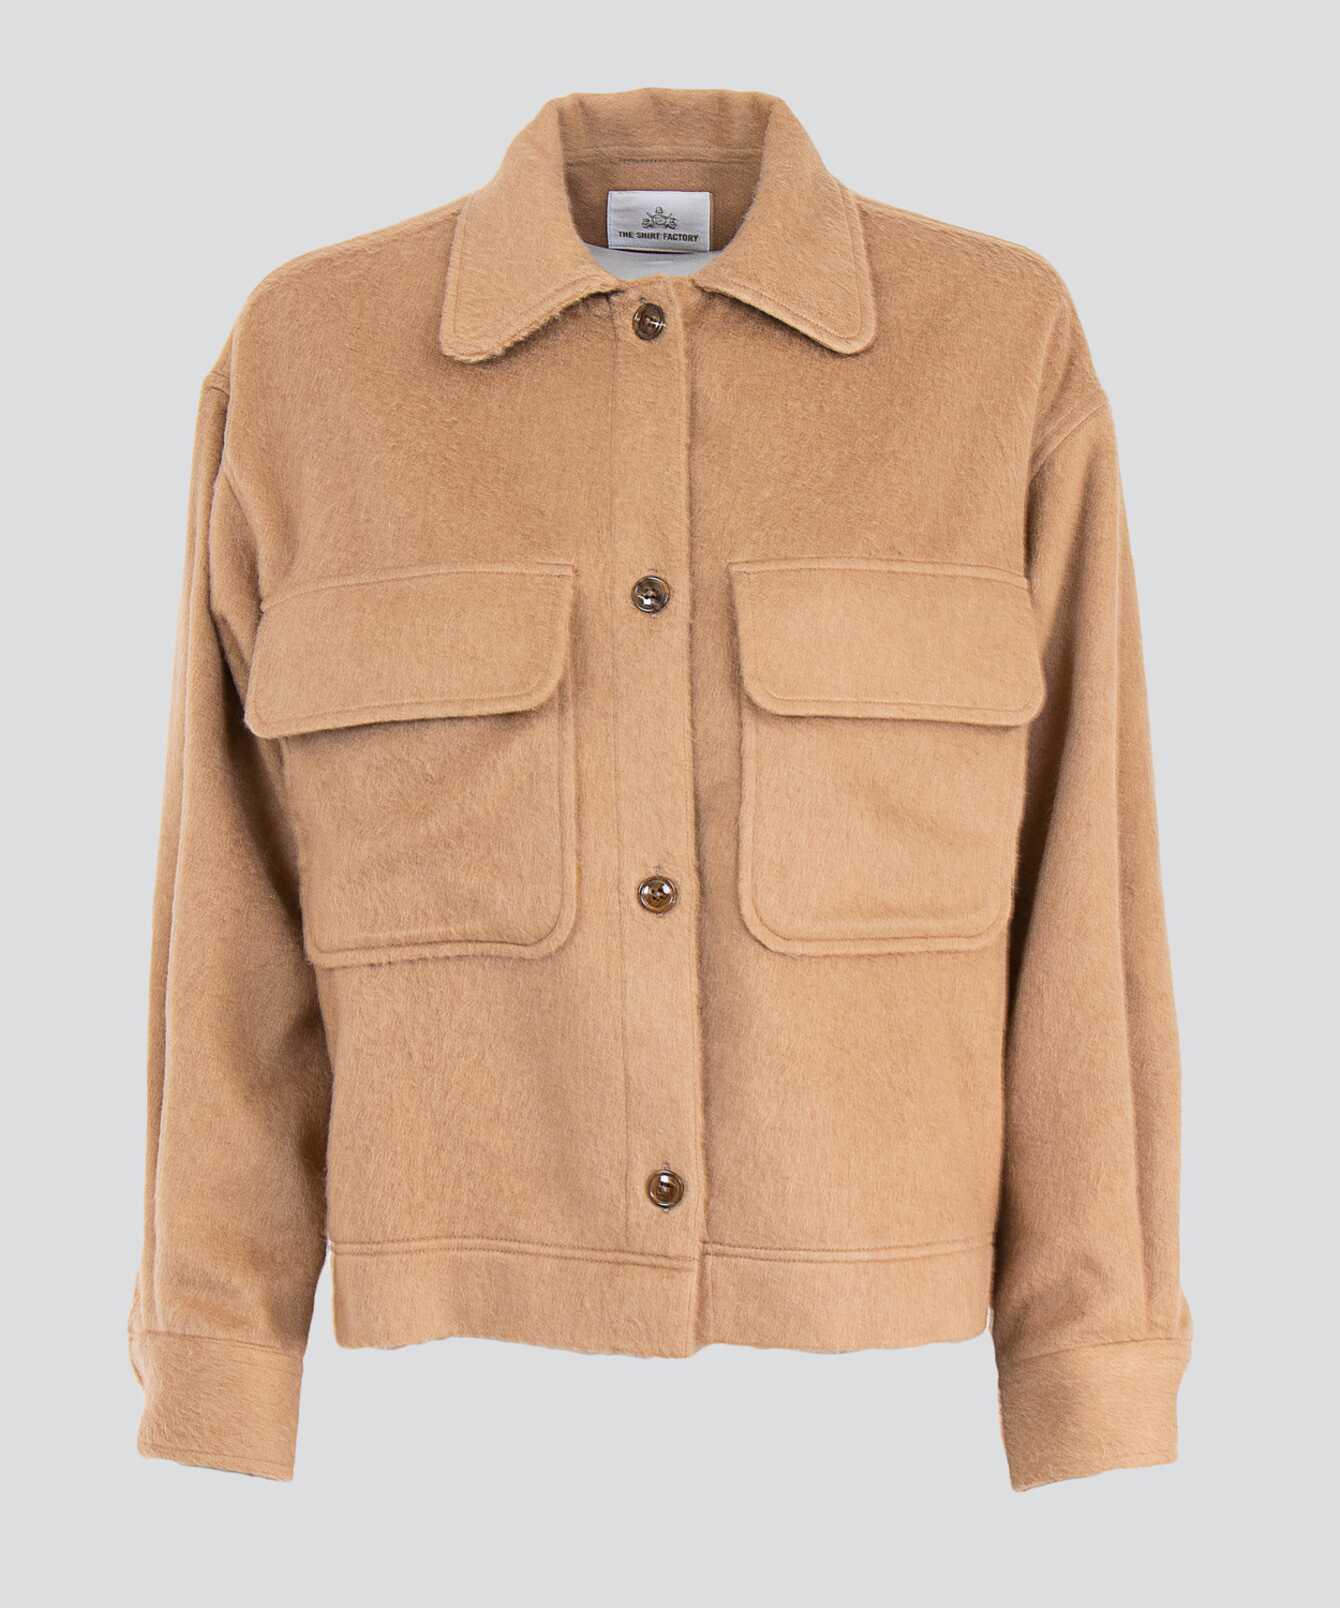 Shirt Ada Flannel Overshirt Sand The Shirt Factory